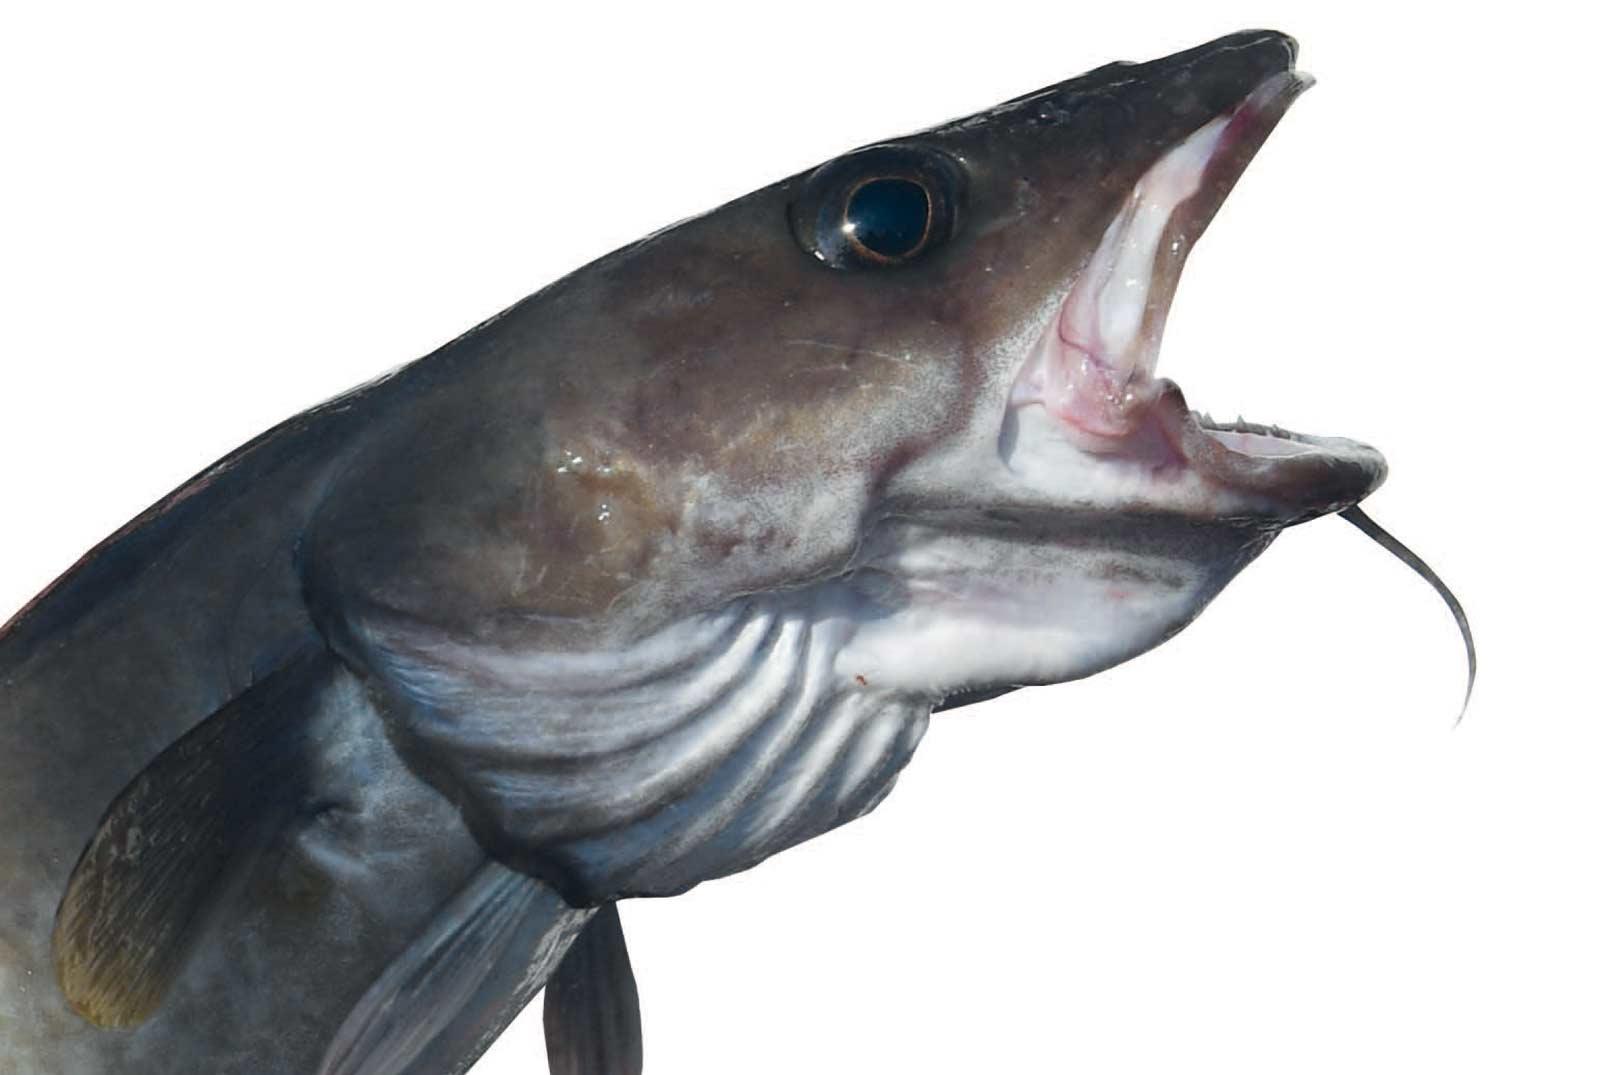 """Før eller senere får lystfiskeren en lange på krogen"""" Citat fra bogen """"Jeg er lystfisker"""" fra Politikens forlag årgang 1957. Dengang var langen sjælden, og mange lystfiskere kendte slet ikke fiskearten med torskehovedet og den lange krop."""